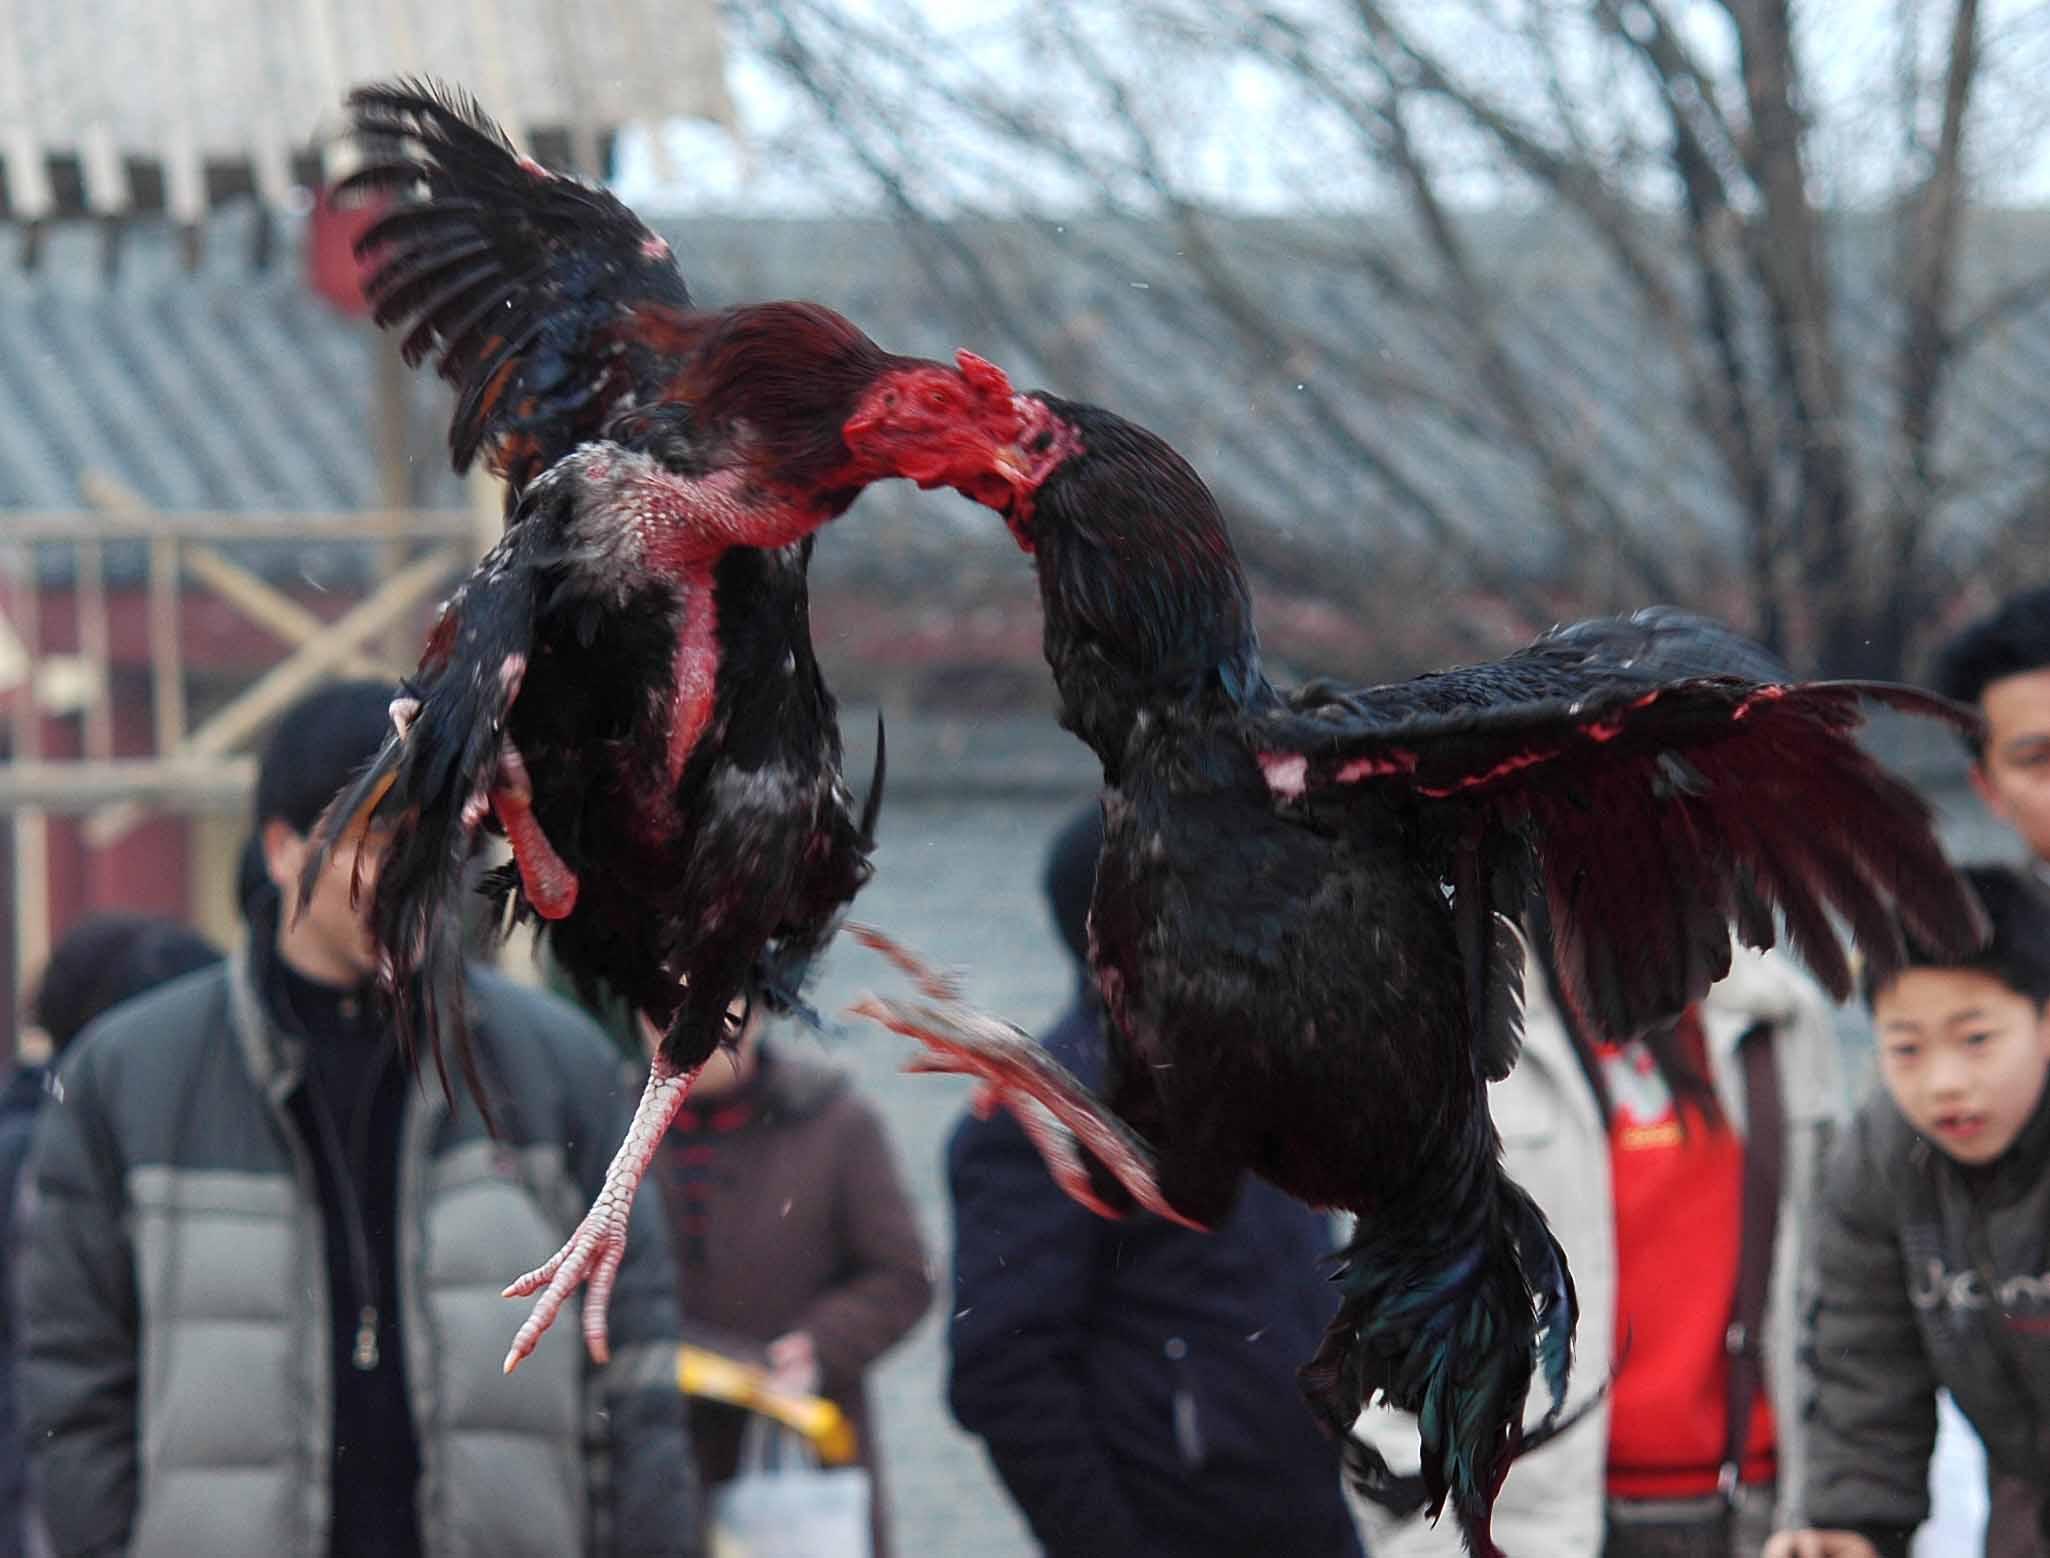 越南原种斗鸡、欢迎前来考察购买